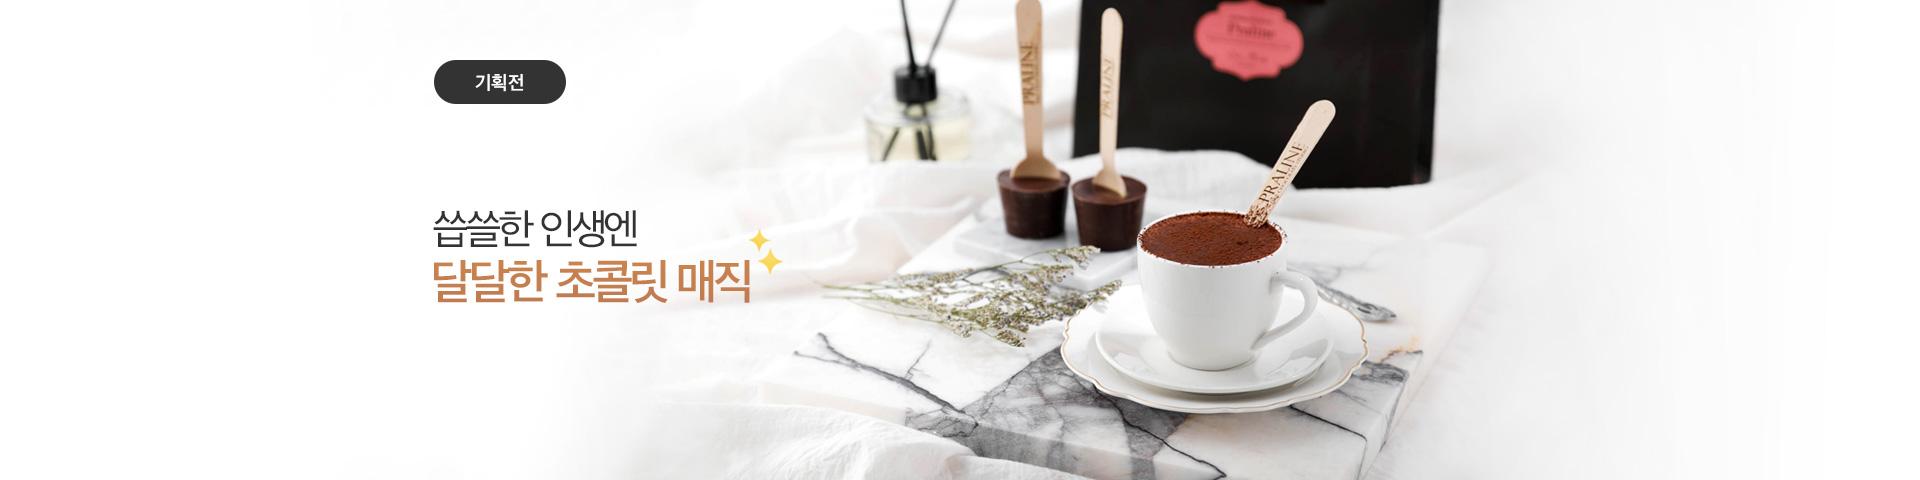 씁쓸한 인생엔 달달한 초콜릿 매직🍫